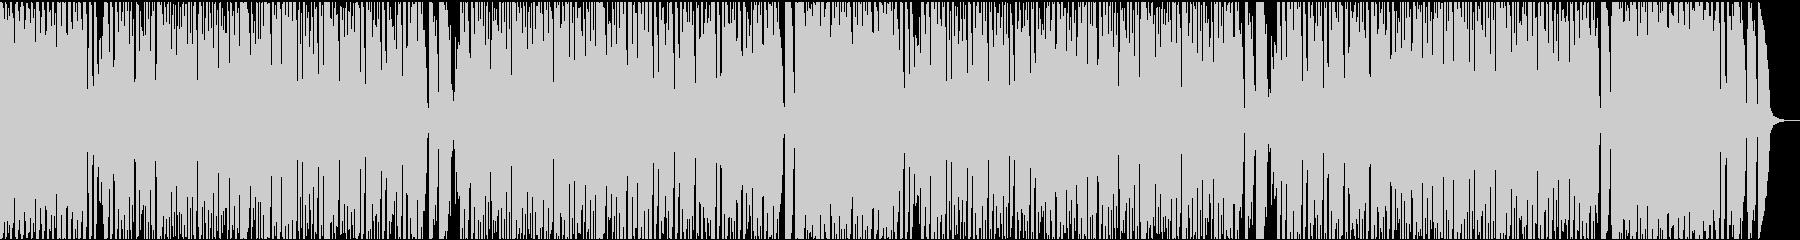 7秒でサビ、電子音コミカル/カラオケの未再生の波形